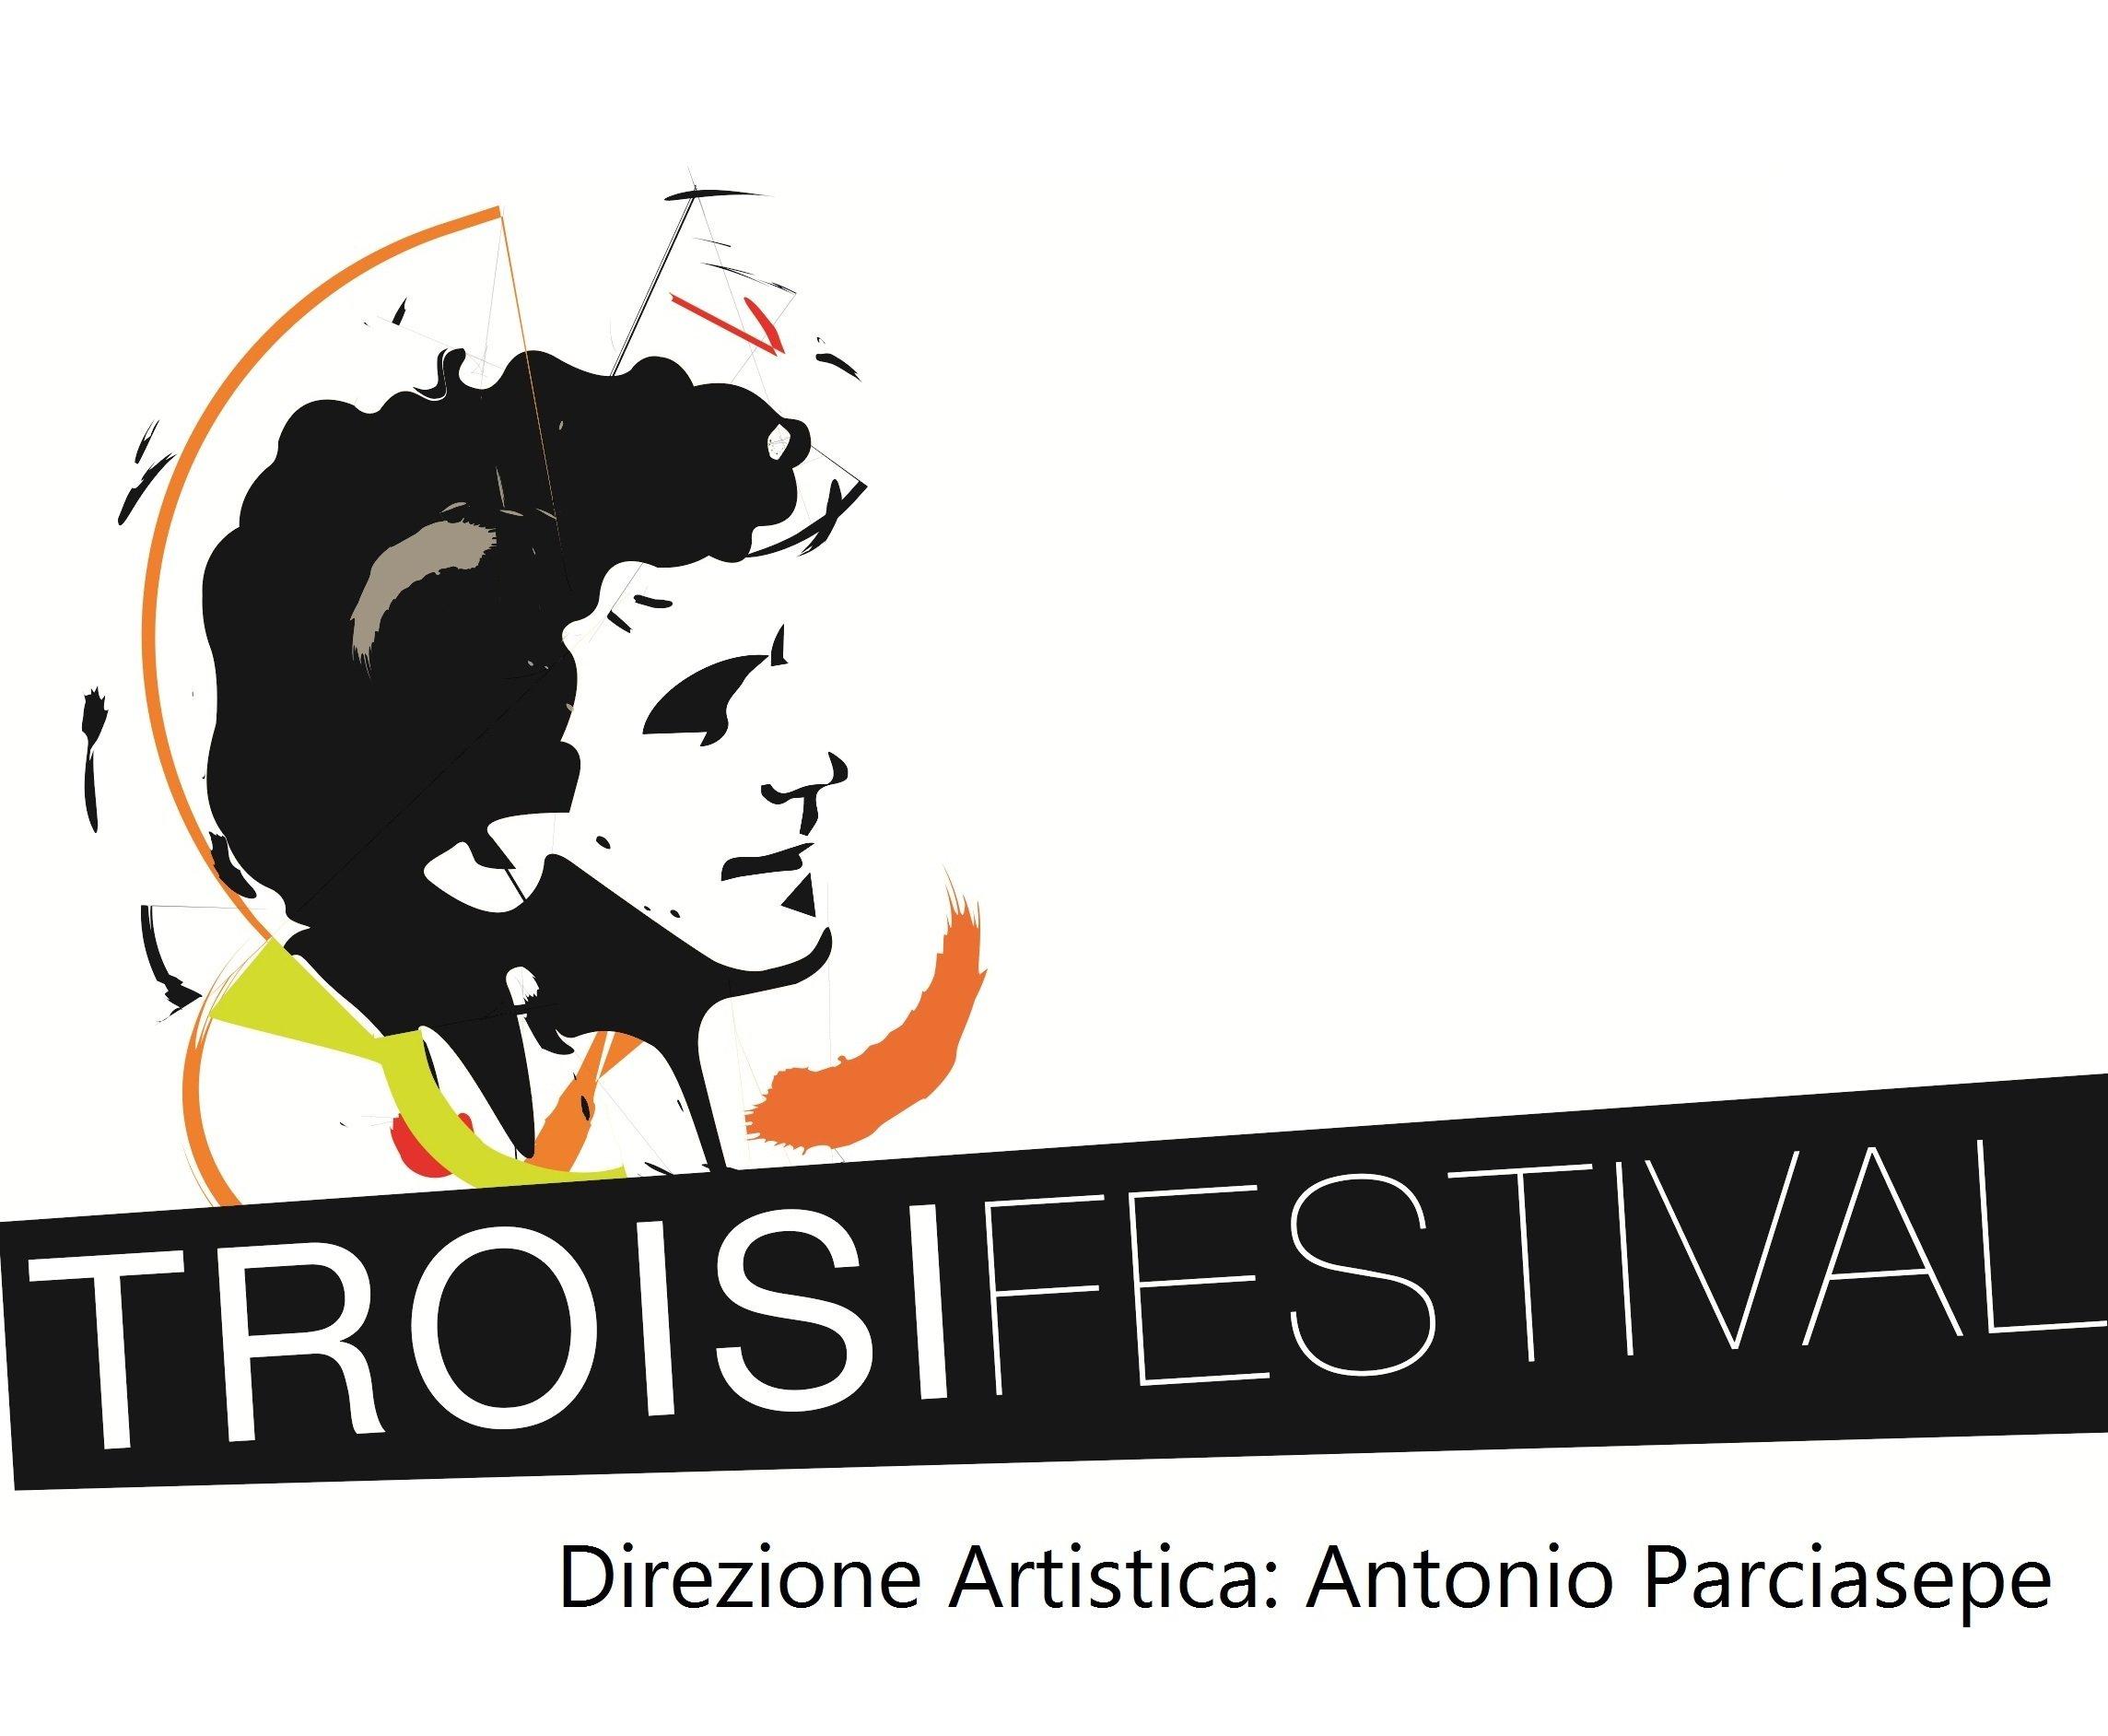 Troisi festival 2013: anticipazione al RistoArte di via Margutta